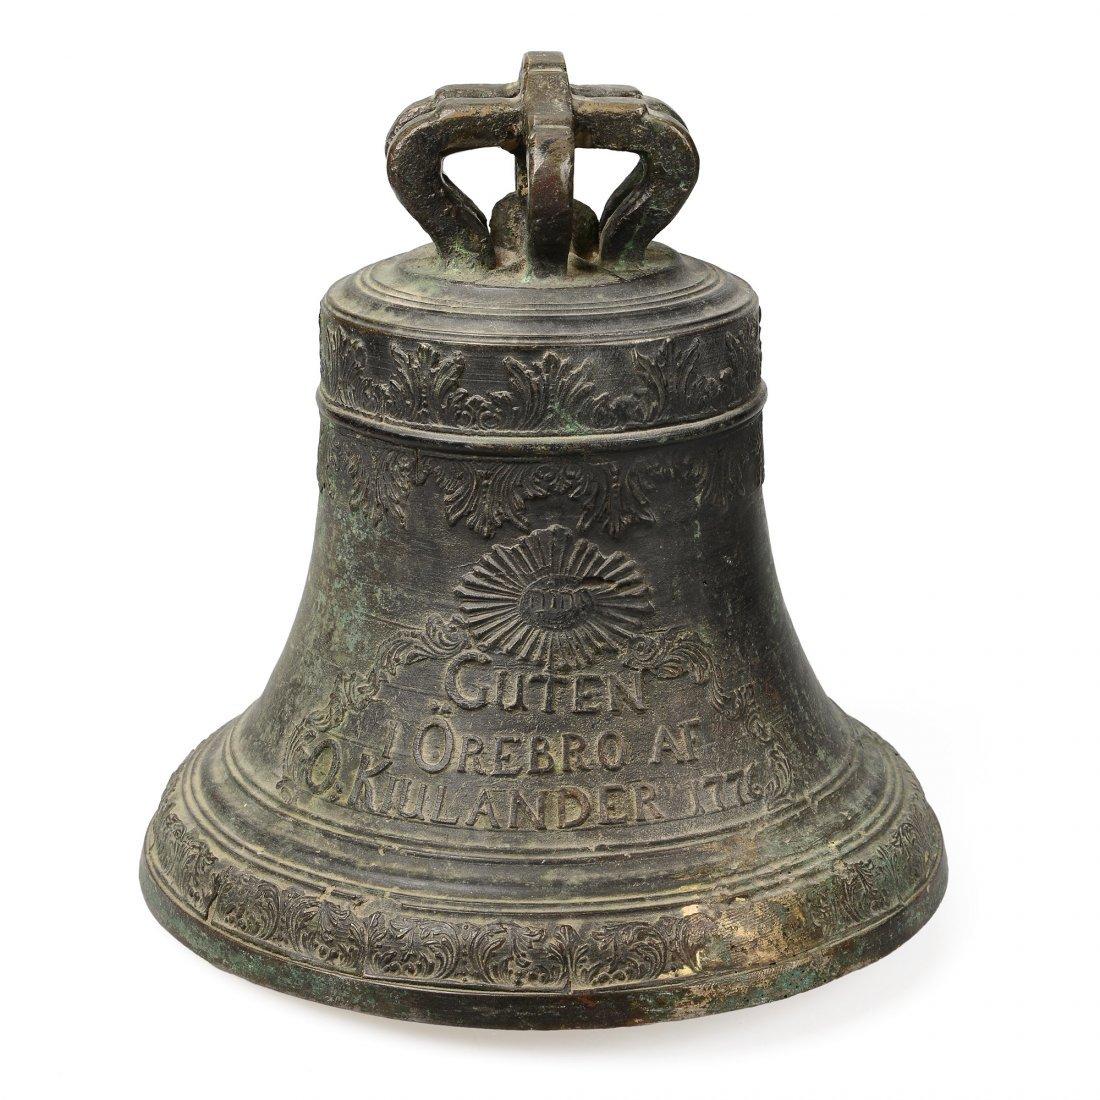 KLOCKA, brons, daterad 1776 af Olof Kiulander, Örebro